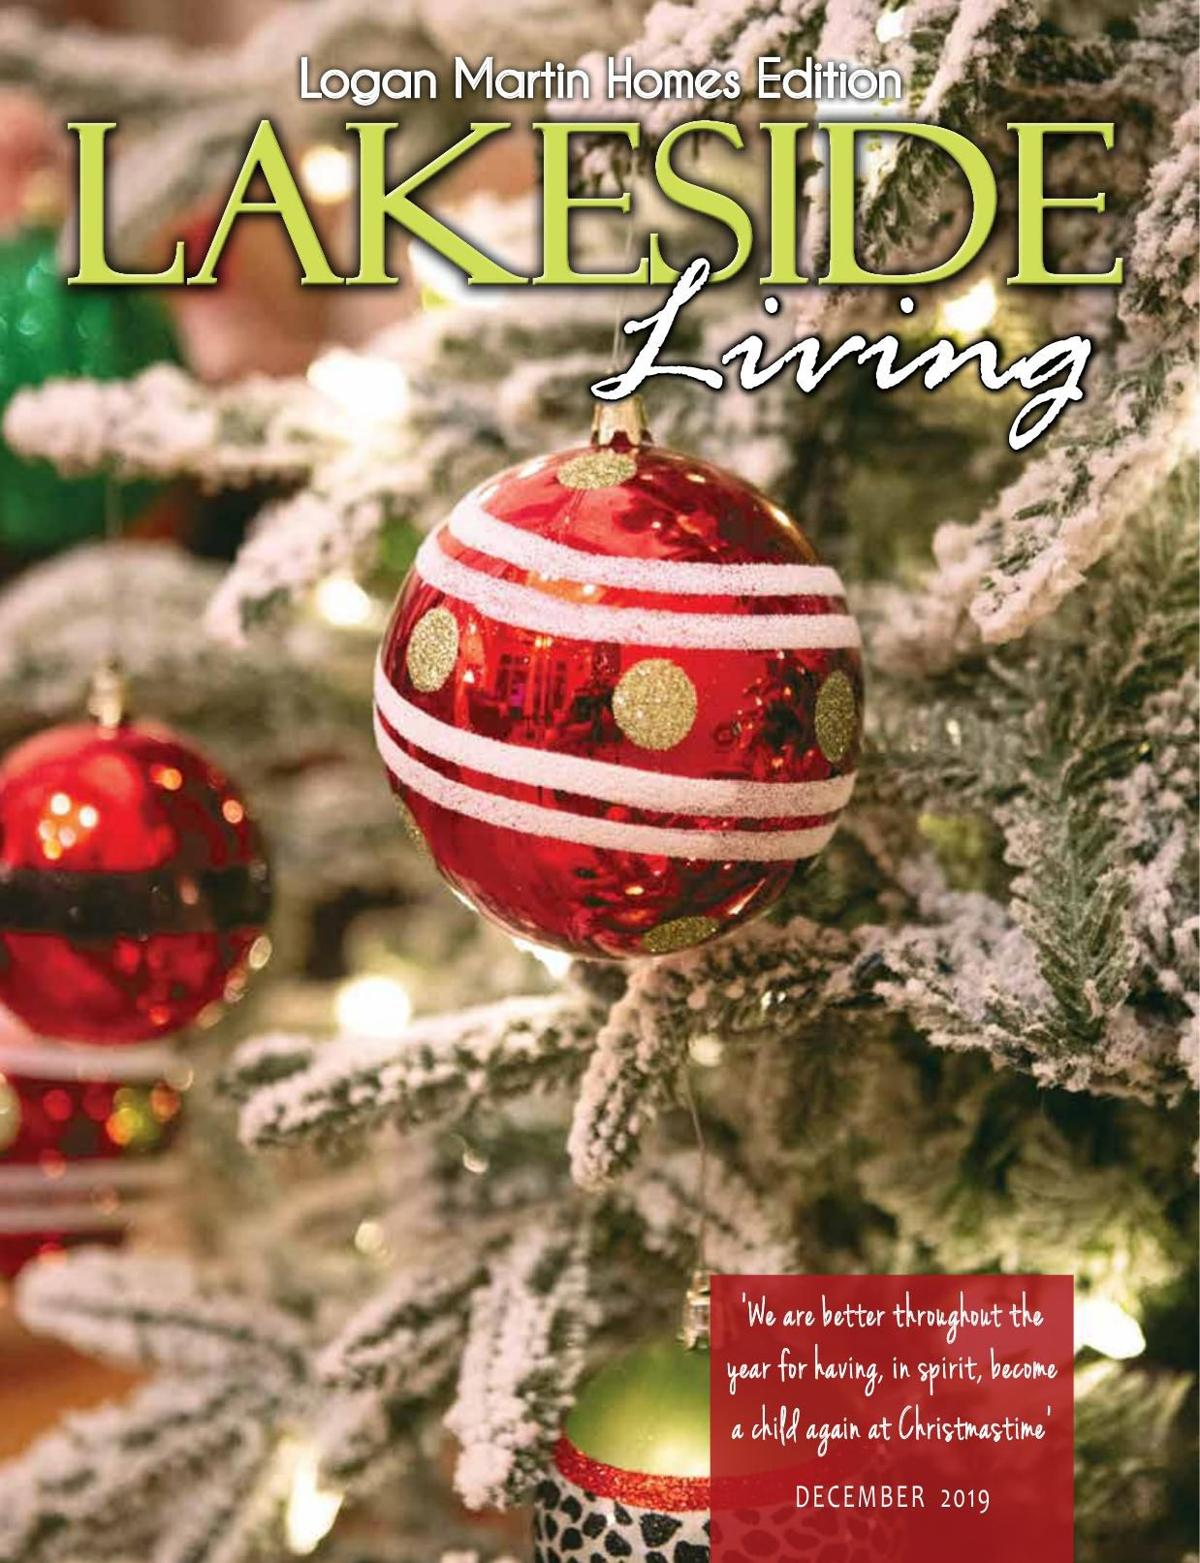 Lakeside Living December 2019